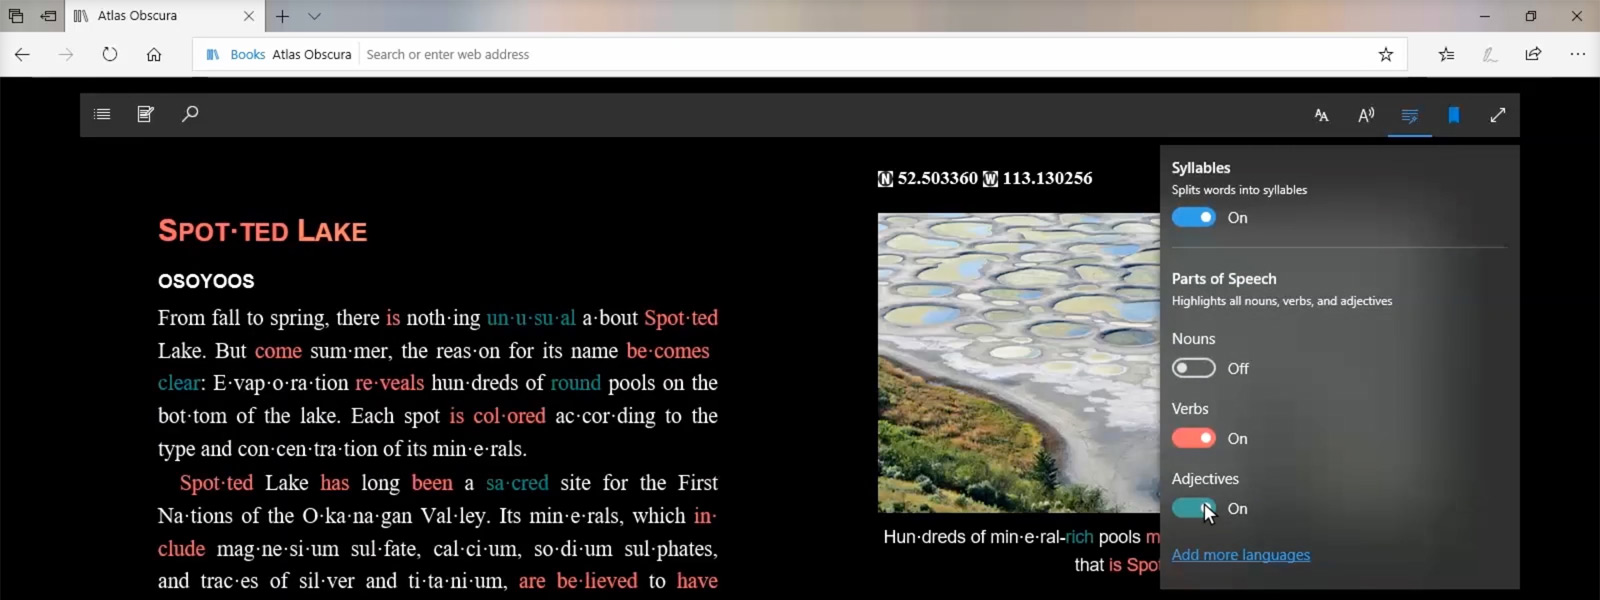 Bildschirmbild der Lerntools-Funktion, auf dem Substantive, Verben und Adjektive auf einer Webseite hervorgehoben sind